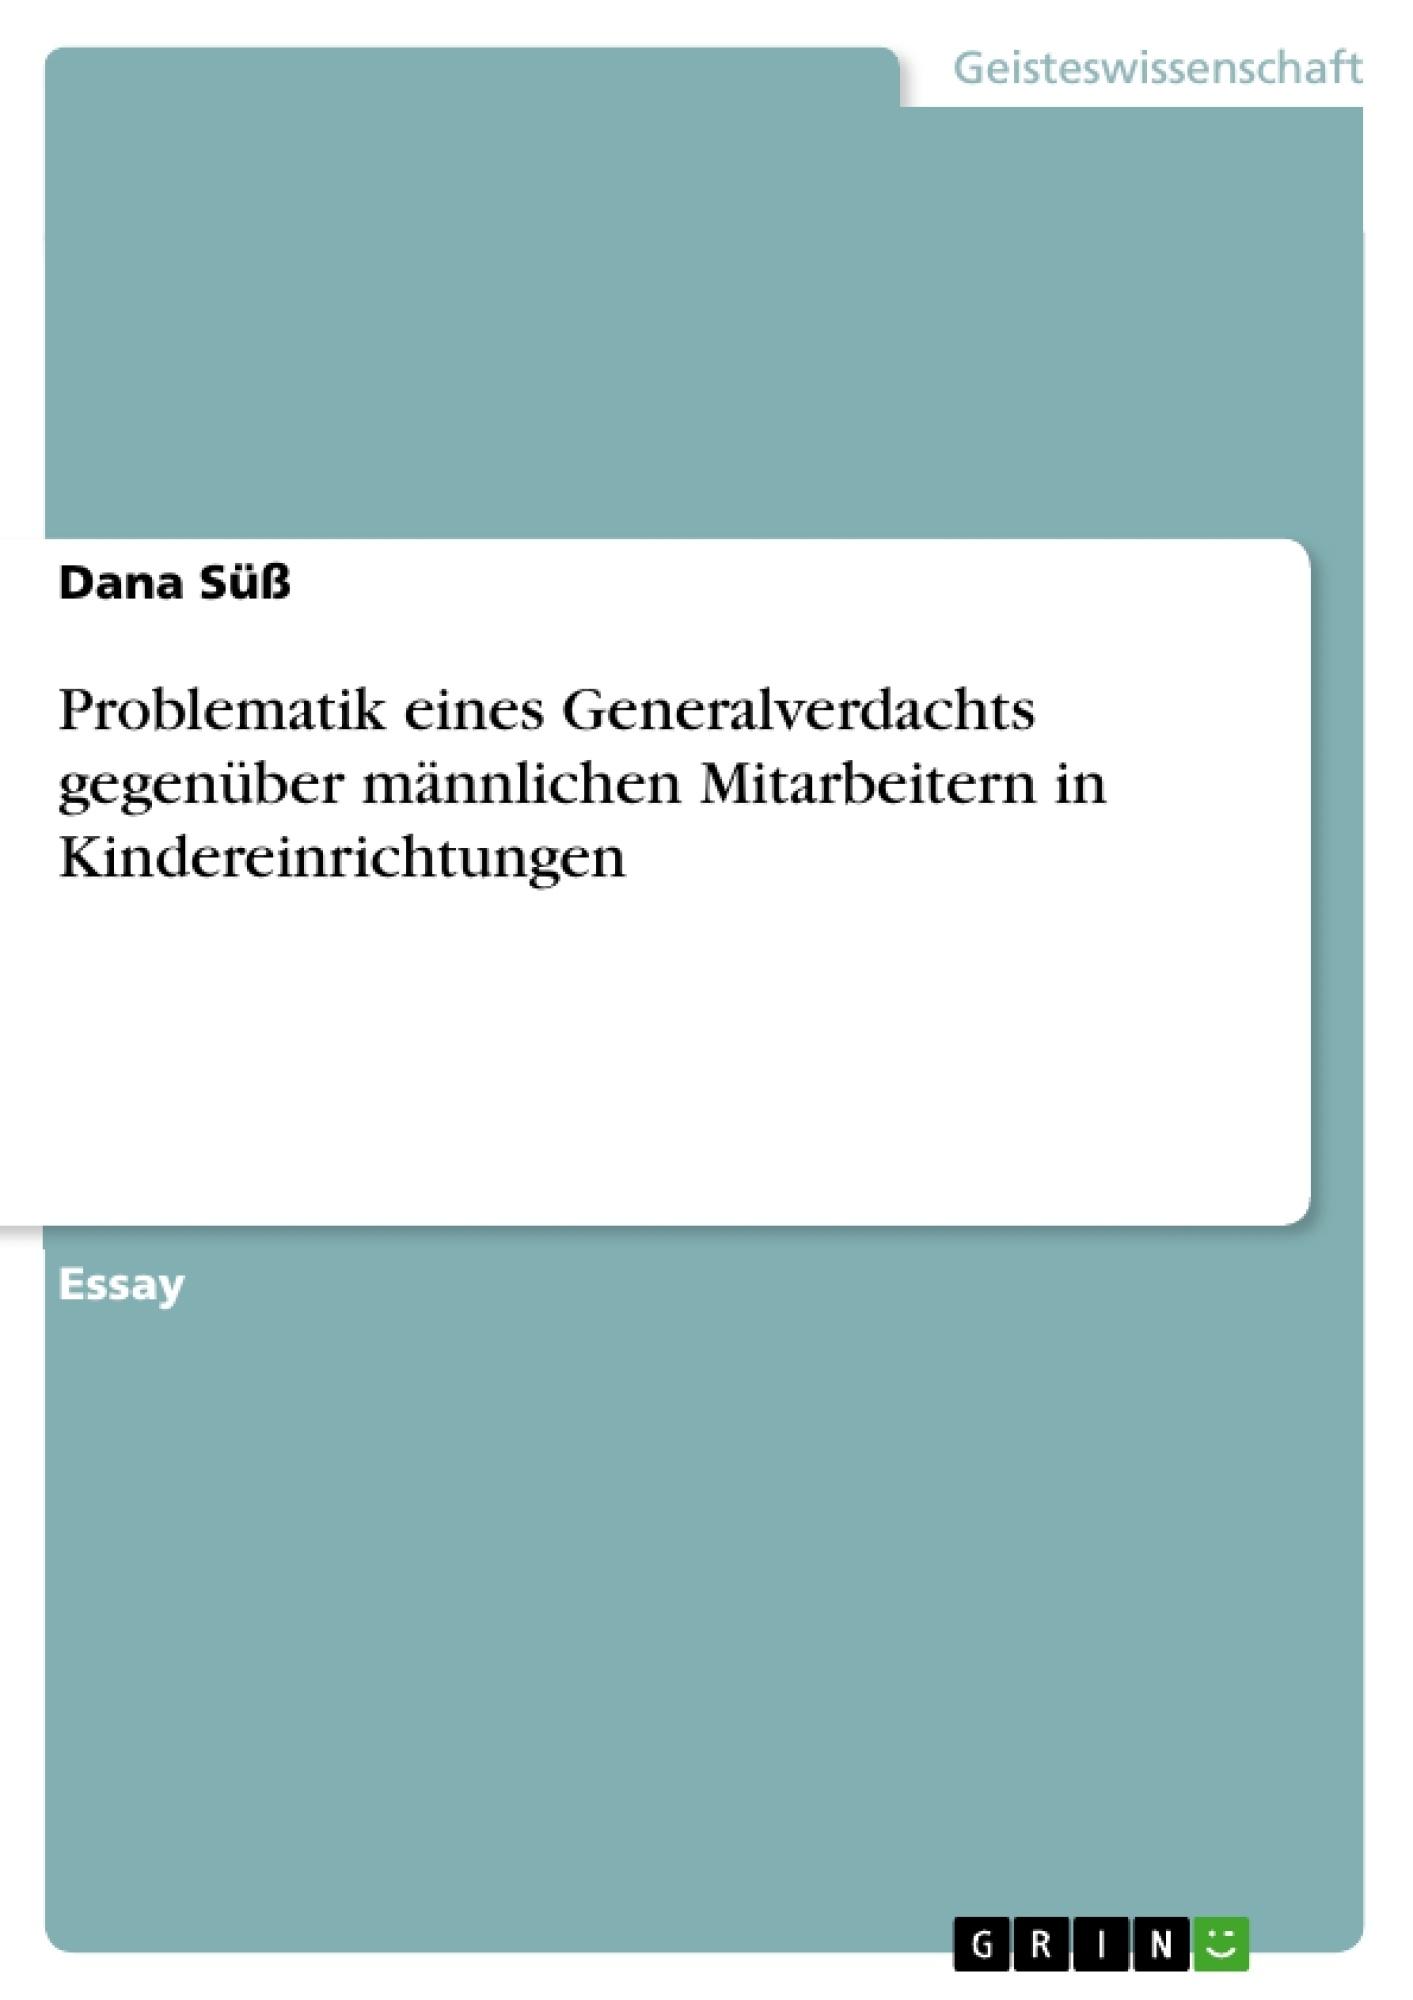 Titel: Problematik eines Generalverdachts gegenüber männlichen Mitarbeitern in Kindereinrichtungen